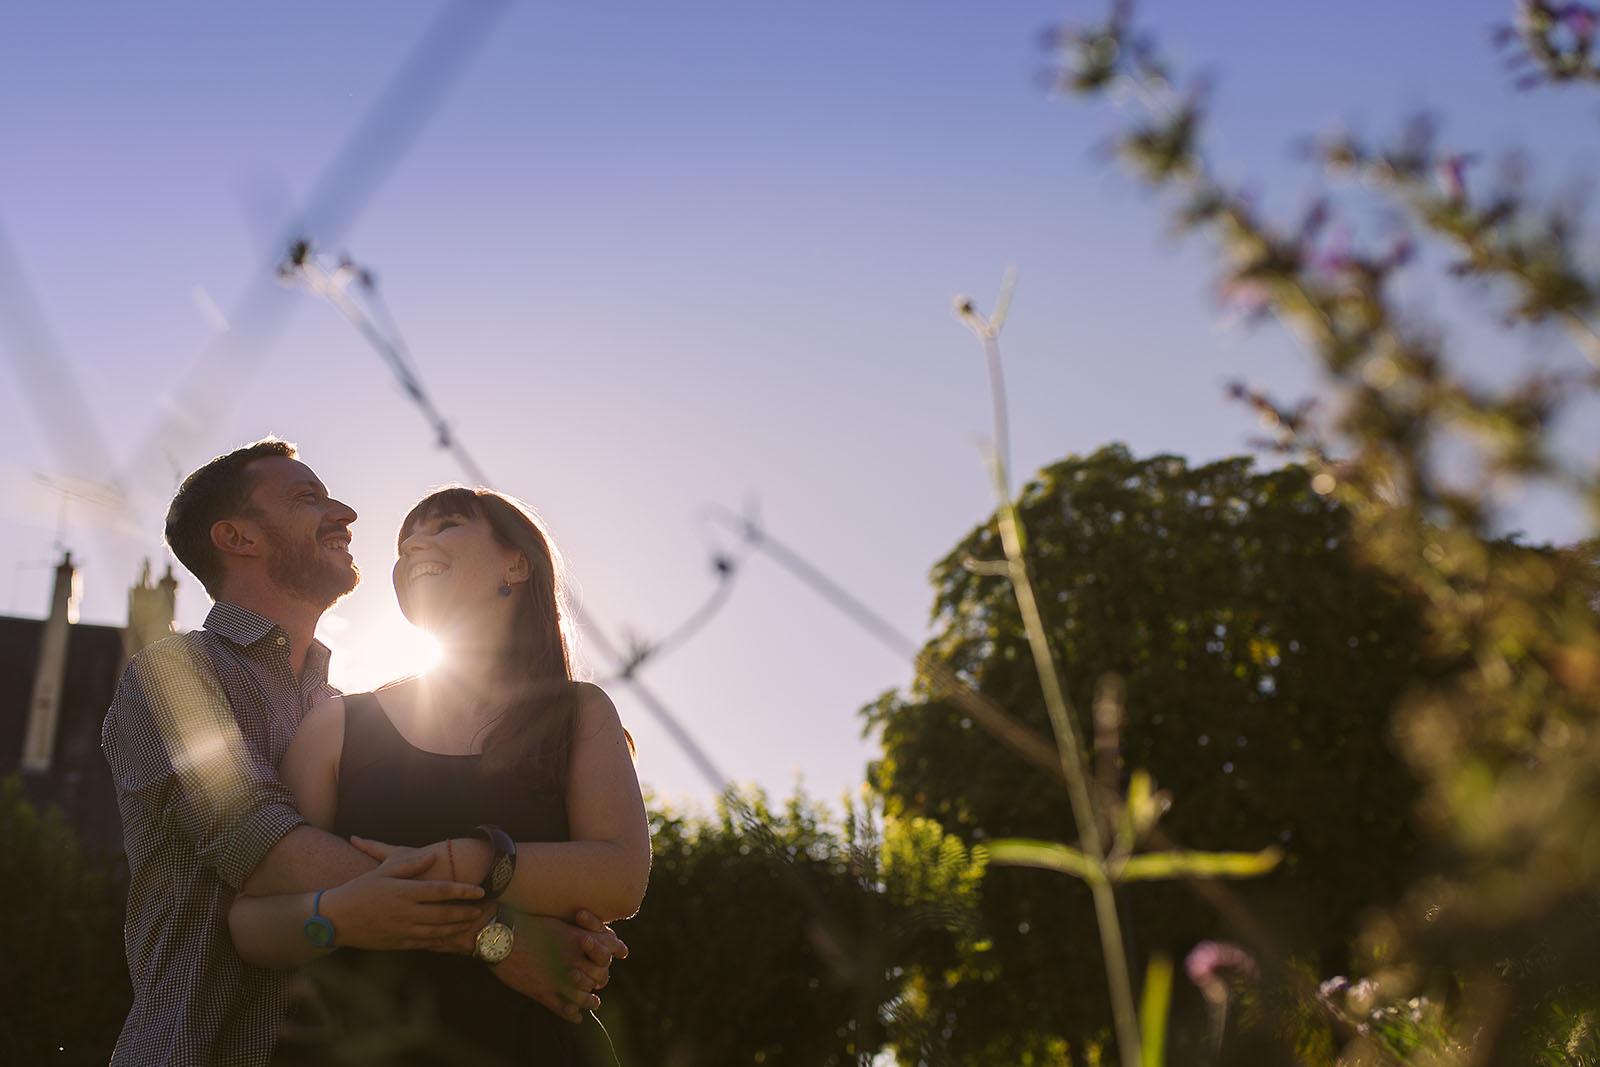 Photographe de mariage château le sallay nevers Love session ou séance d'engagement à Paris d'une jeune couple qui rient ensemble. Photo à contre jour avec une belle lumière et le soleil